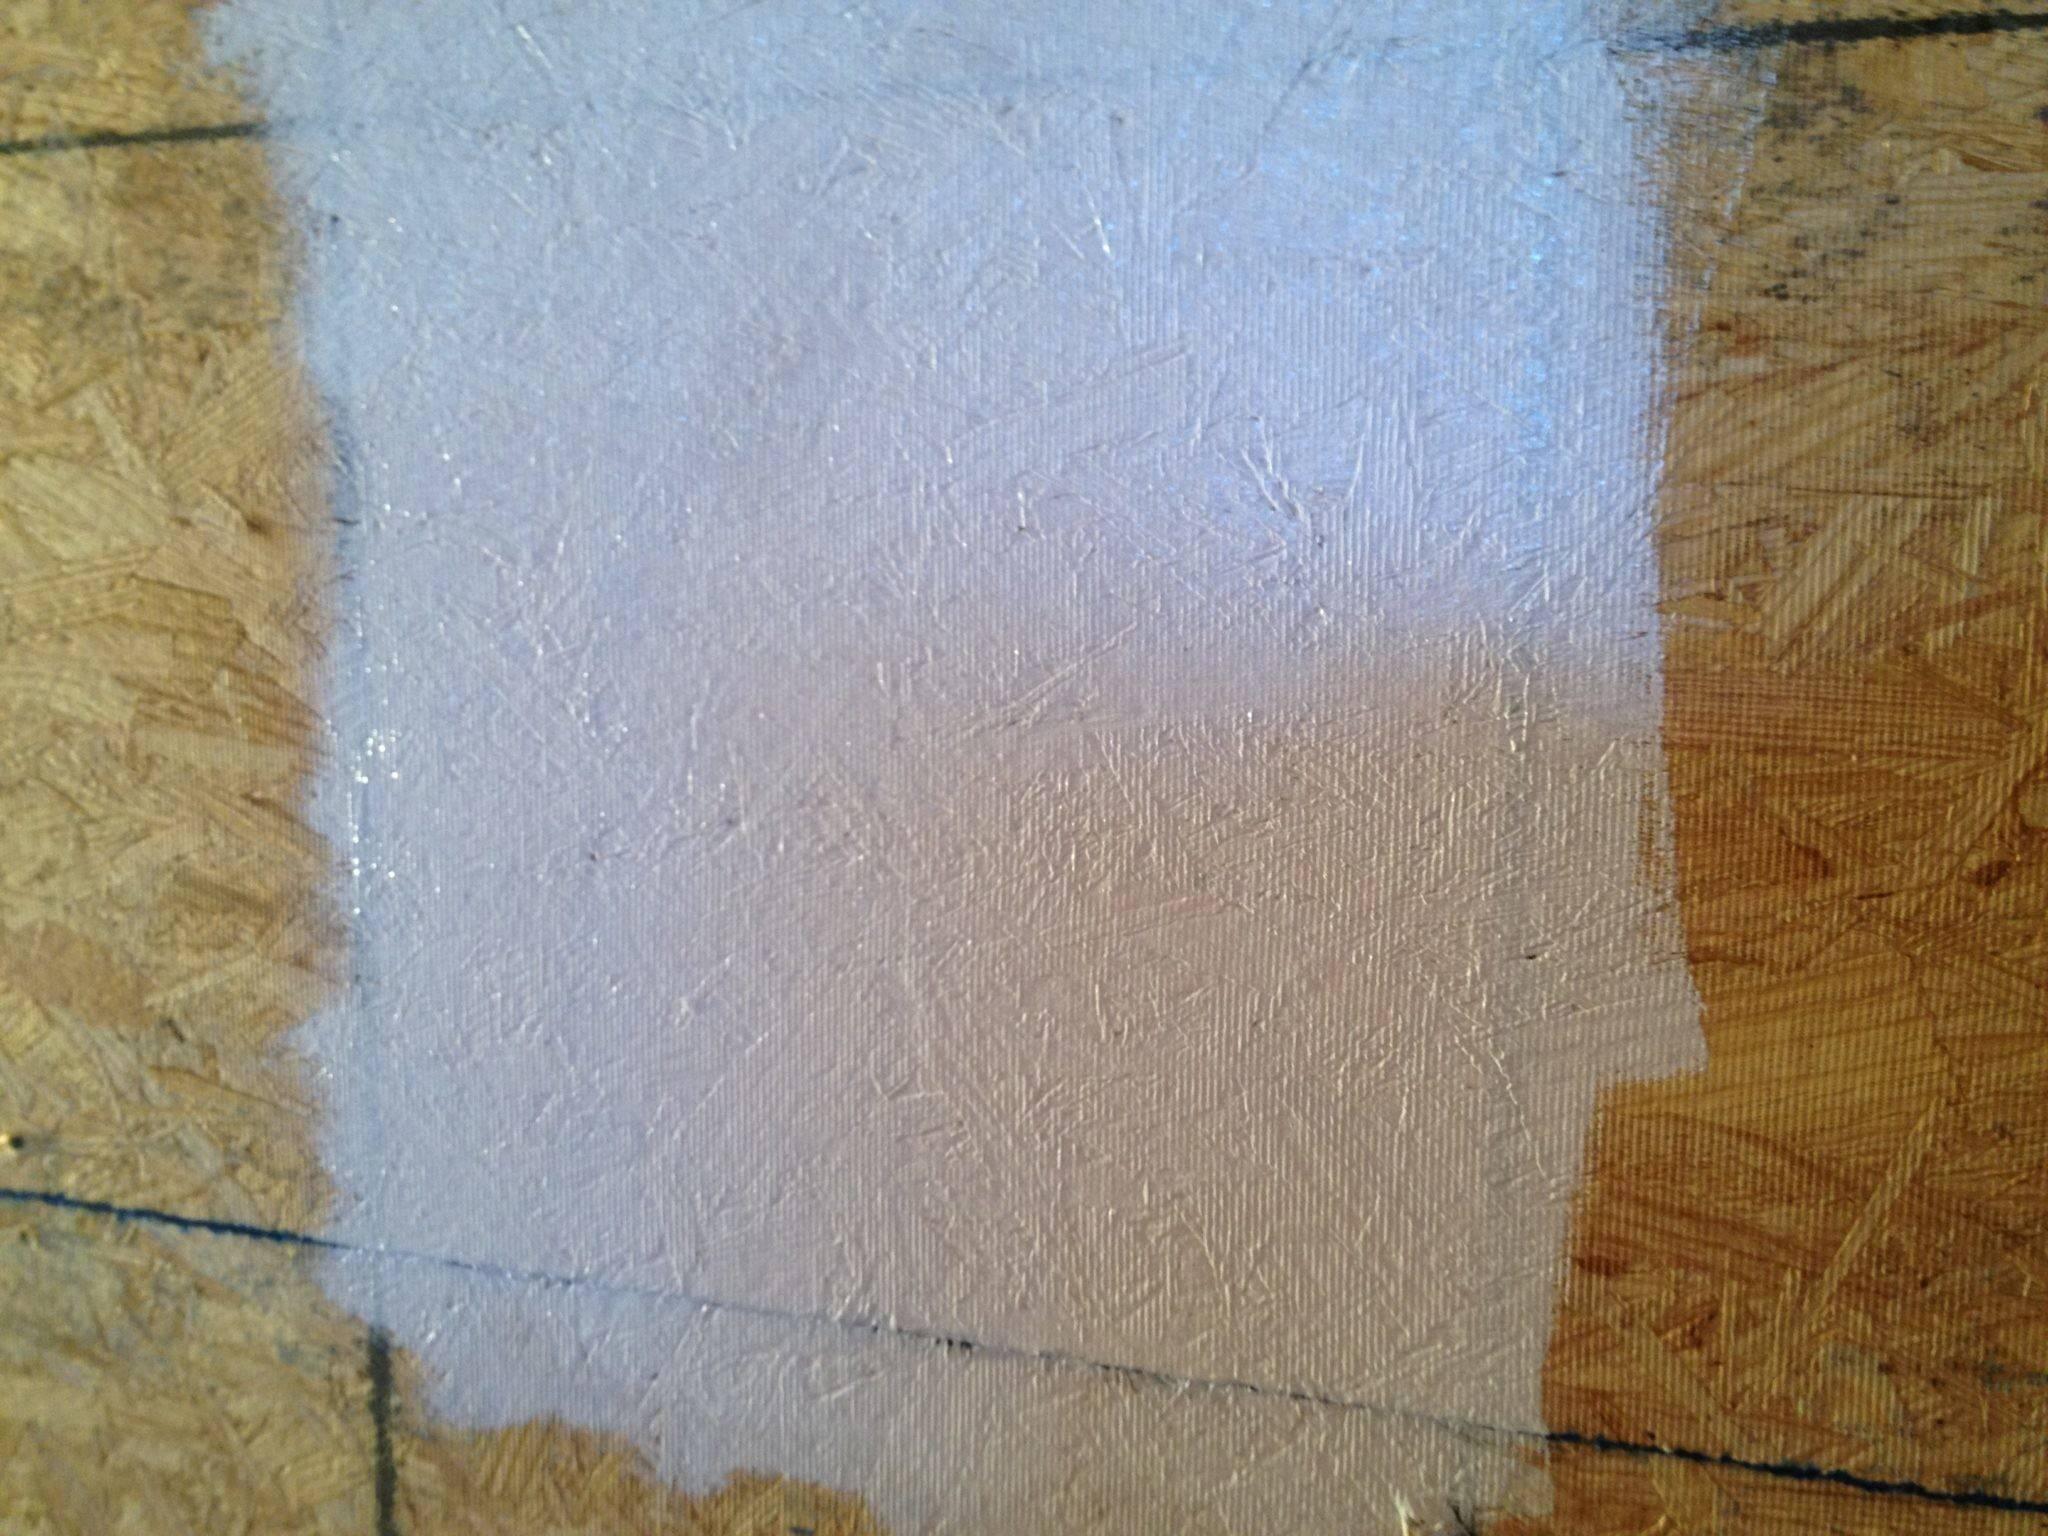 Чем и как покрасить осб плиты внутри дома. технологии покраски осп листов.